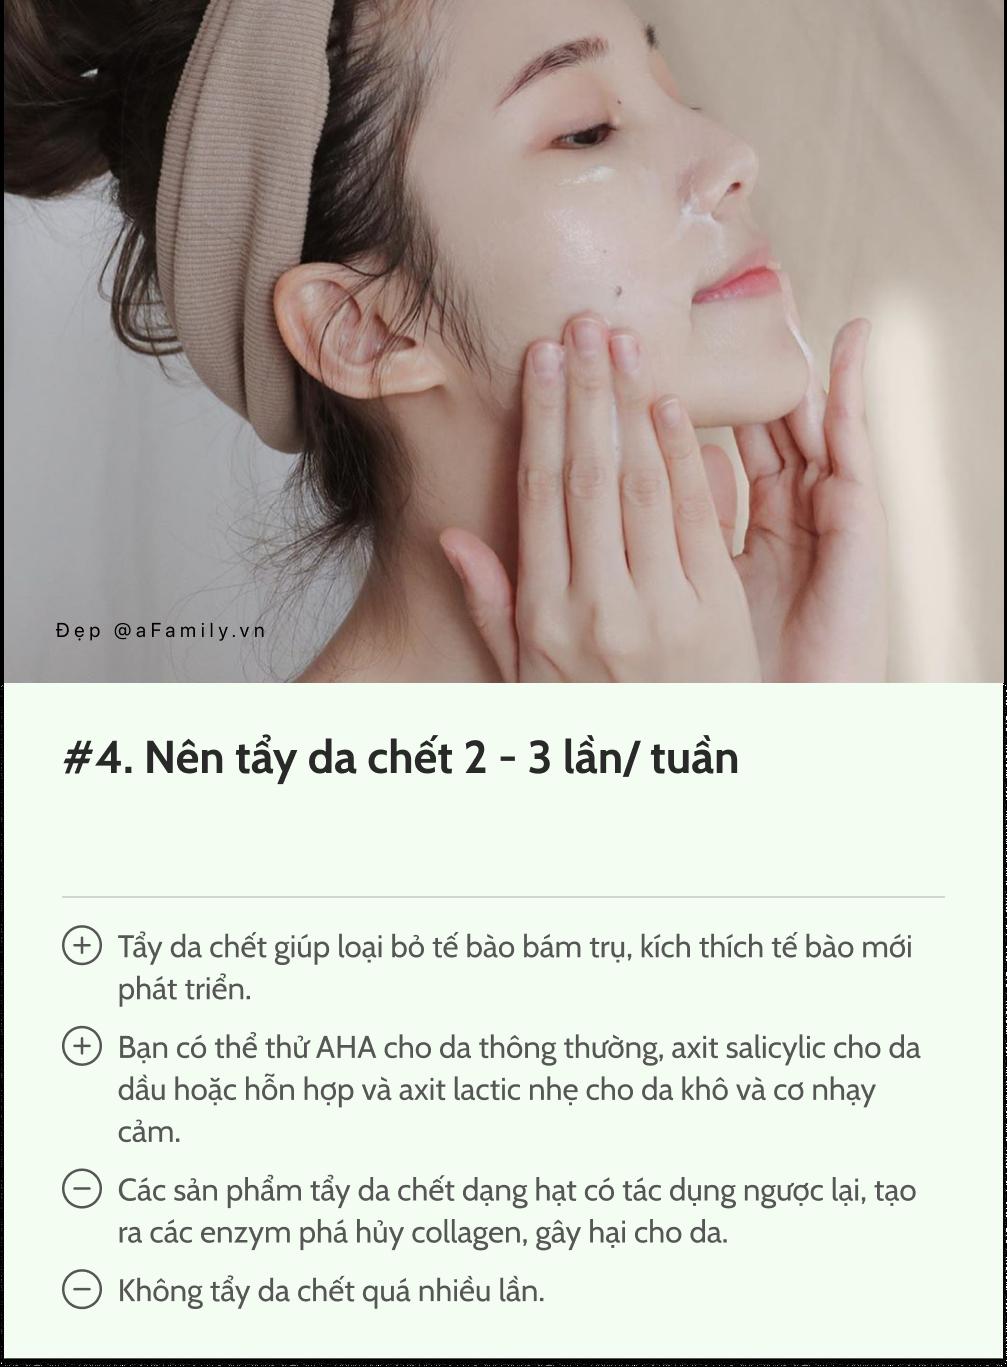 """12 điều mà bất kì bác sĩ da liễu nào cũng muốn các chị em """"khắc cốt ghi tâm"""" để có làn da đẹp, mịn màng - Ảnh 4."""